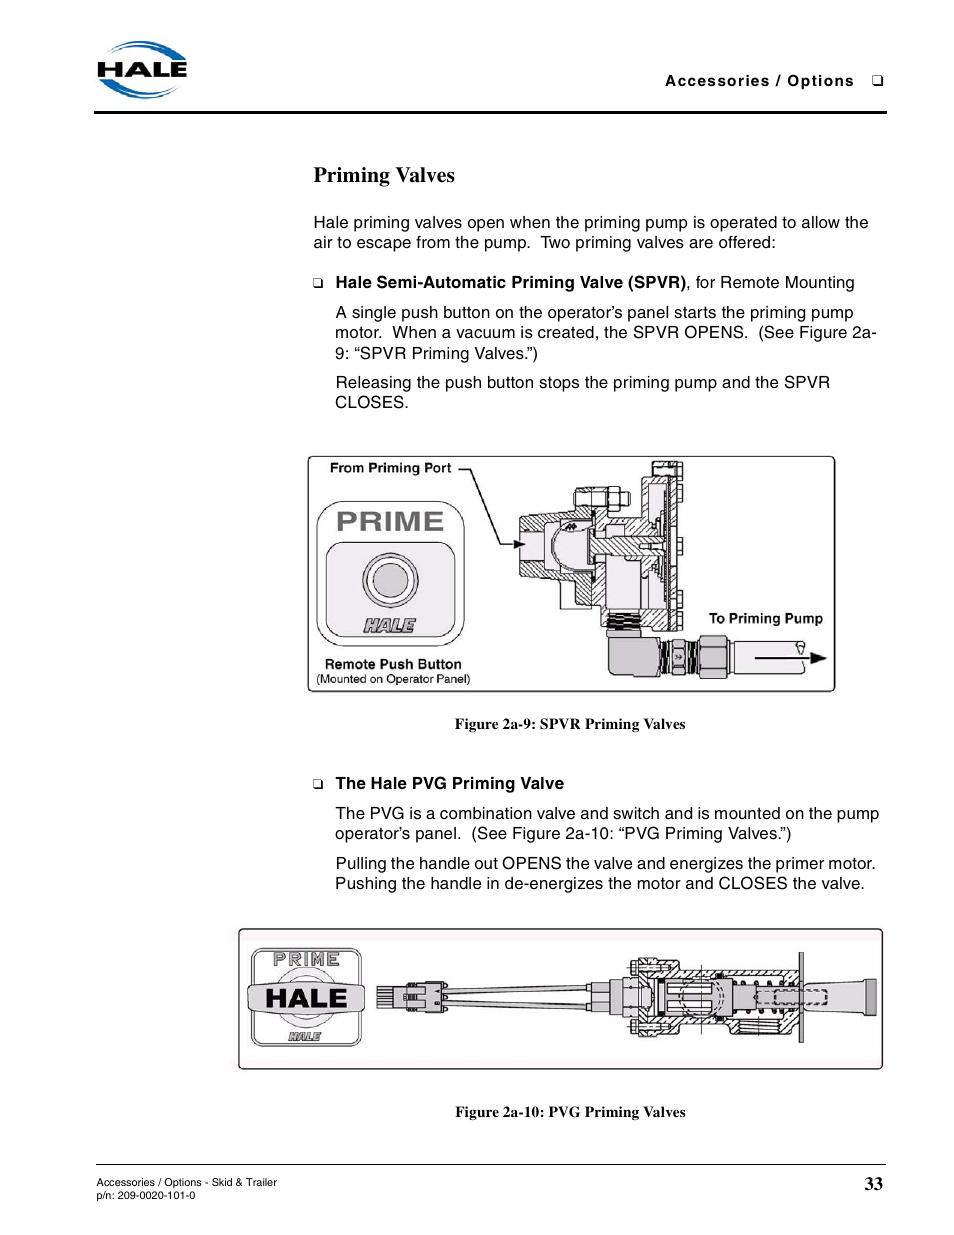 priming valves, figure 2a-9: spvr priming valves, figure 2a-10: pvg priming  valves | hale trailer user manual | page 33 / 74